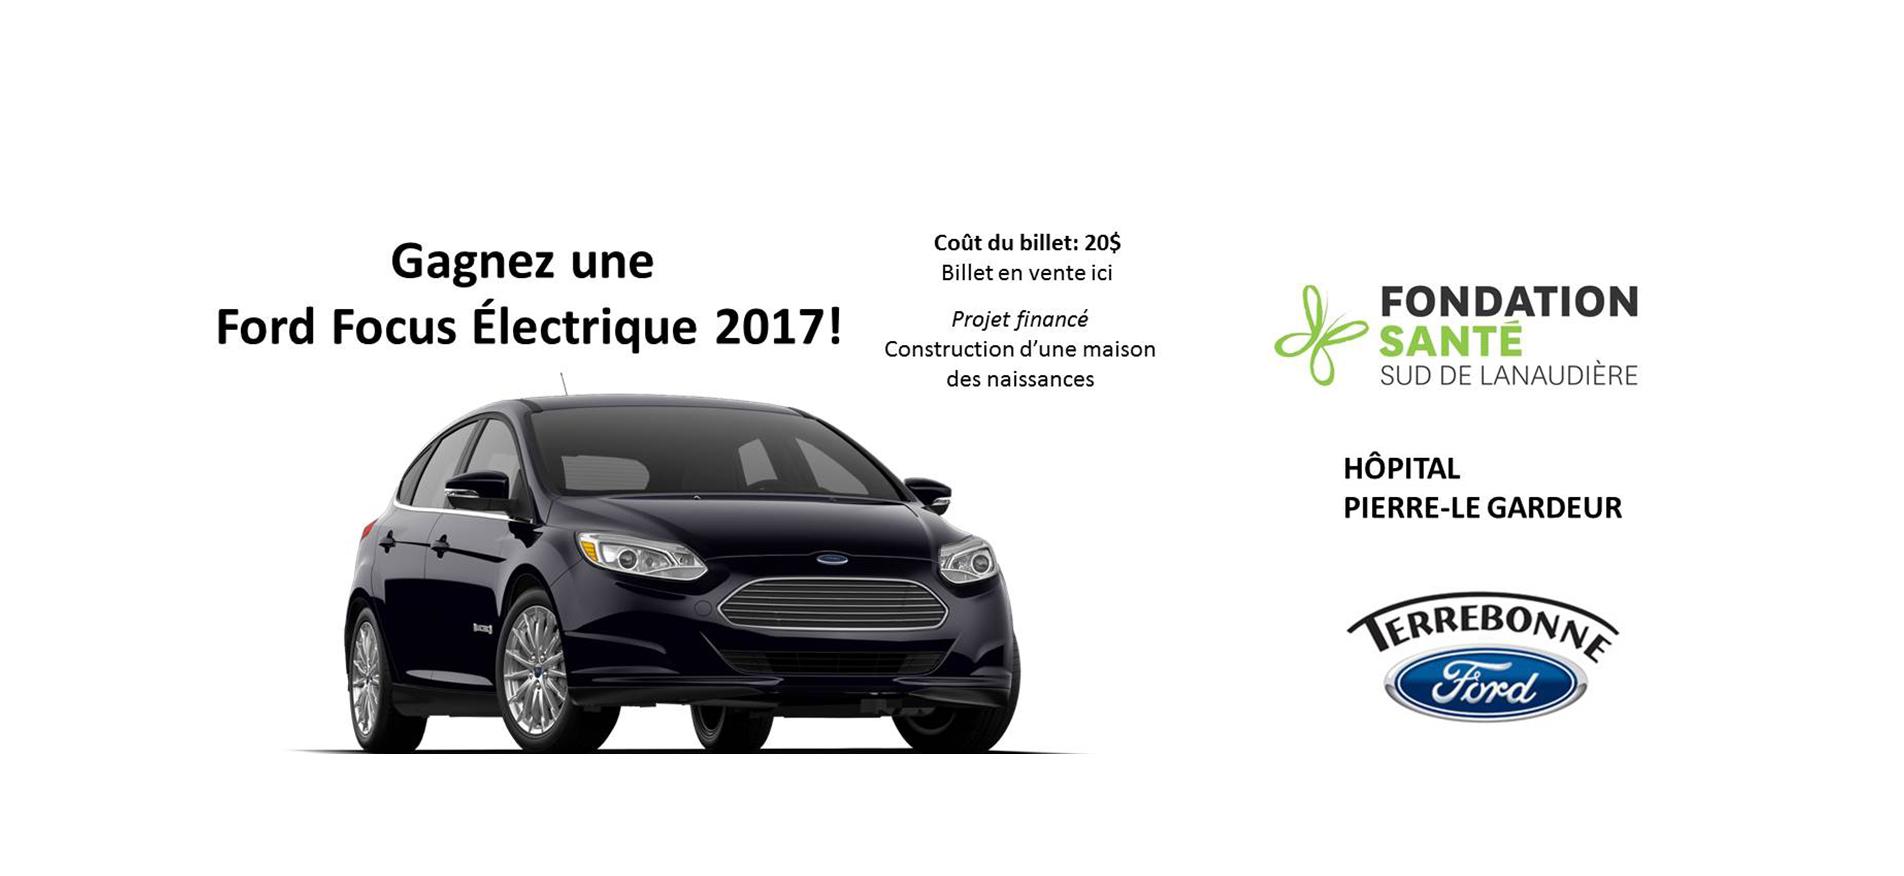 Ford Focus Electrique